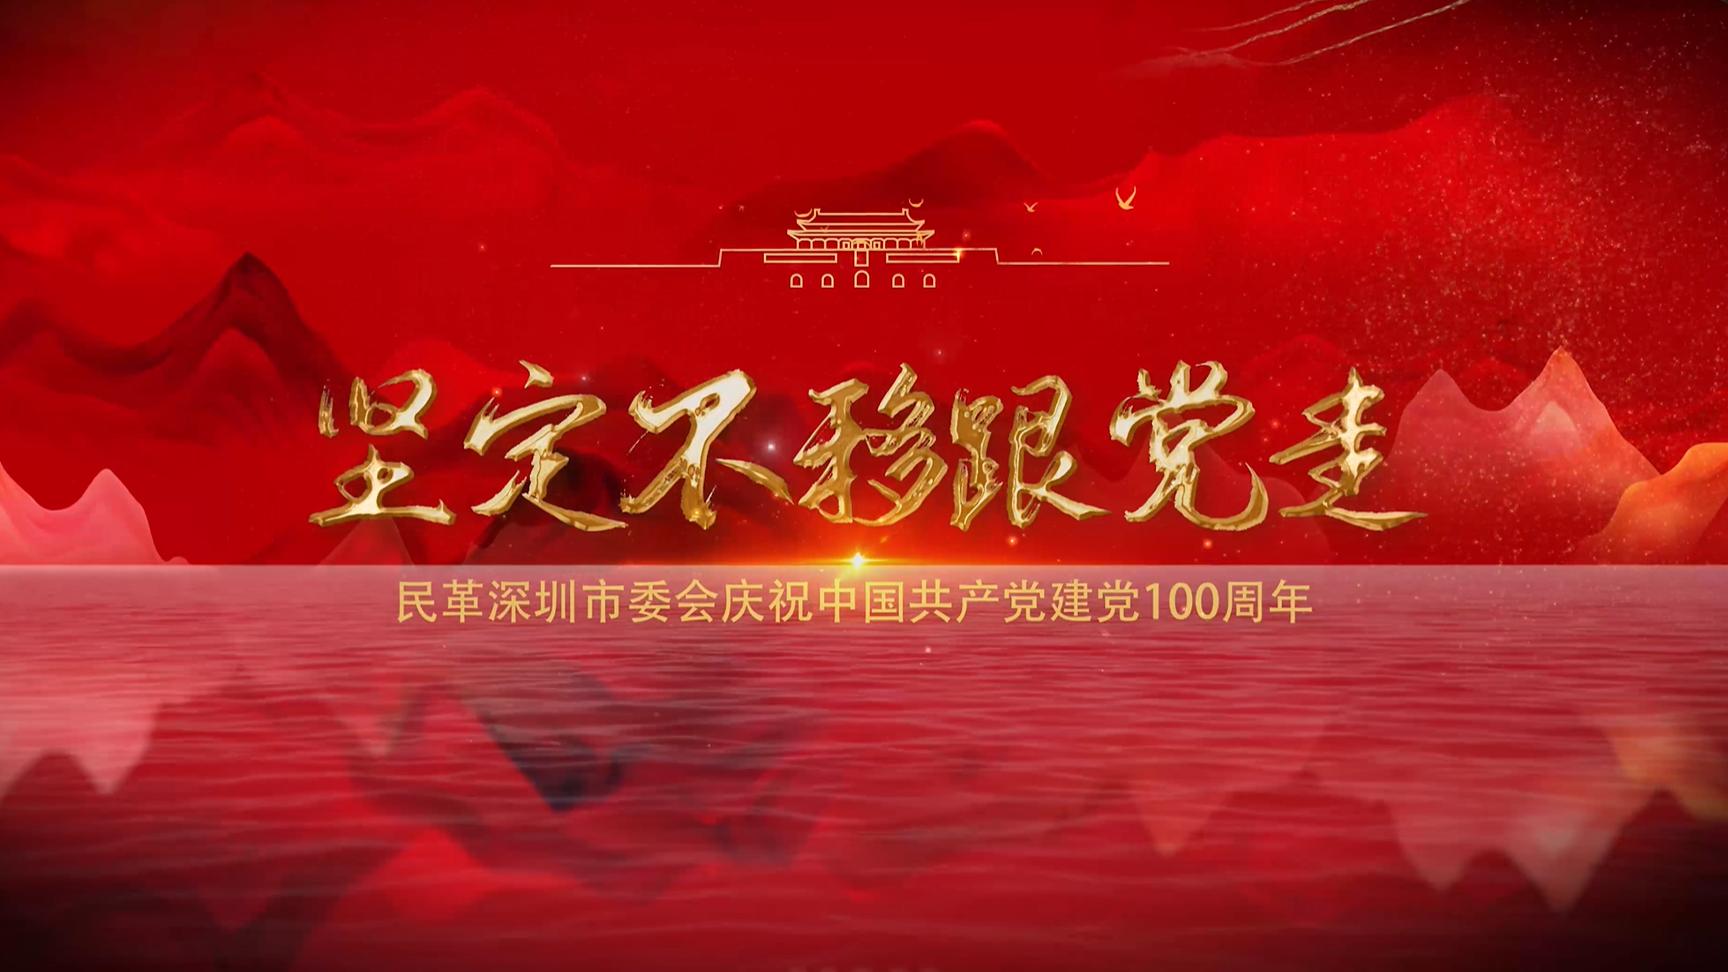 民革深圳市委会献礼建党百年